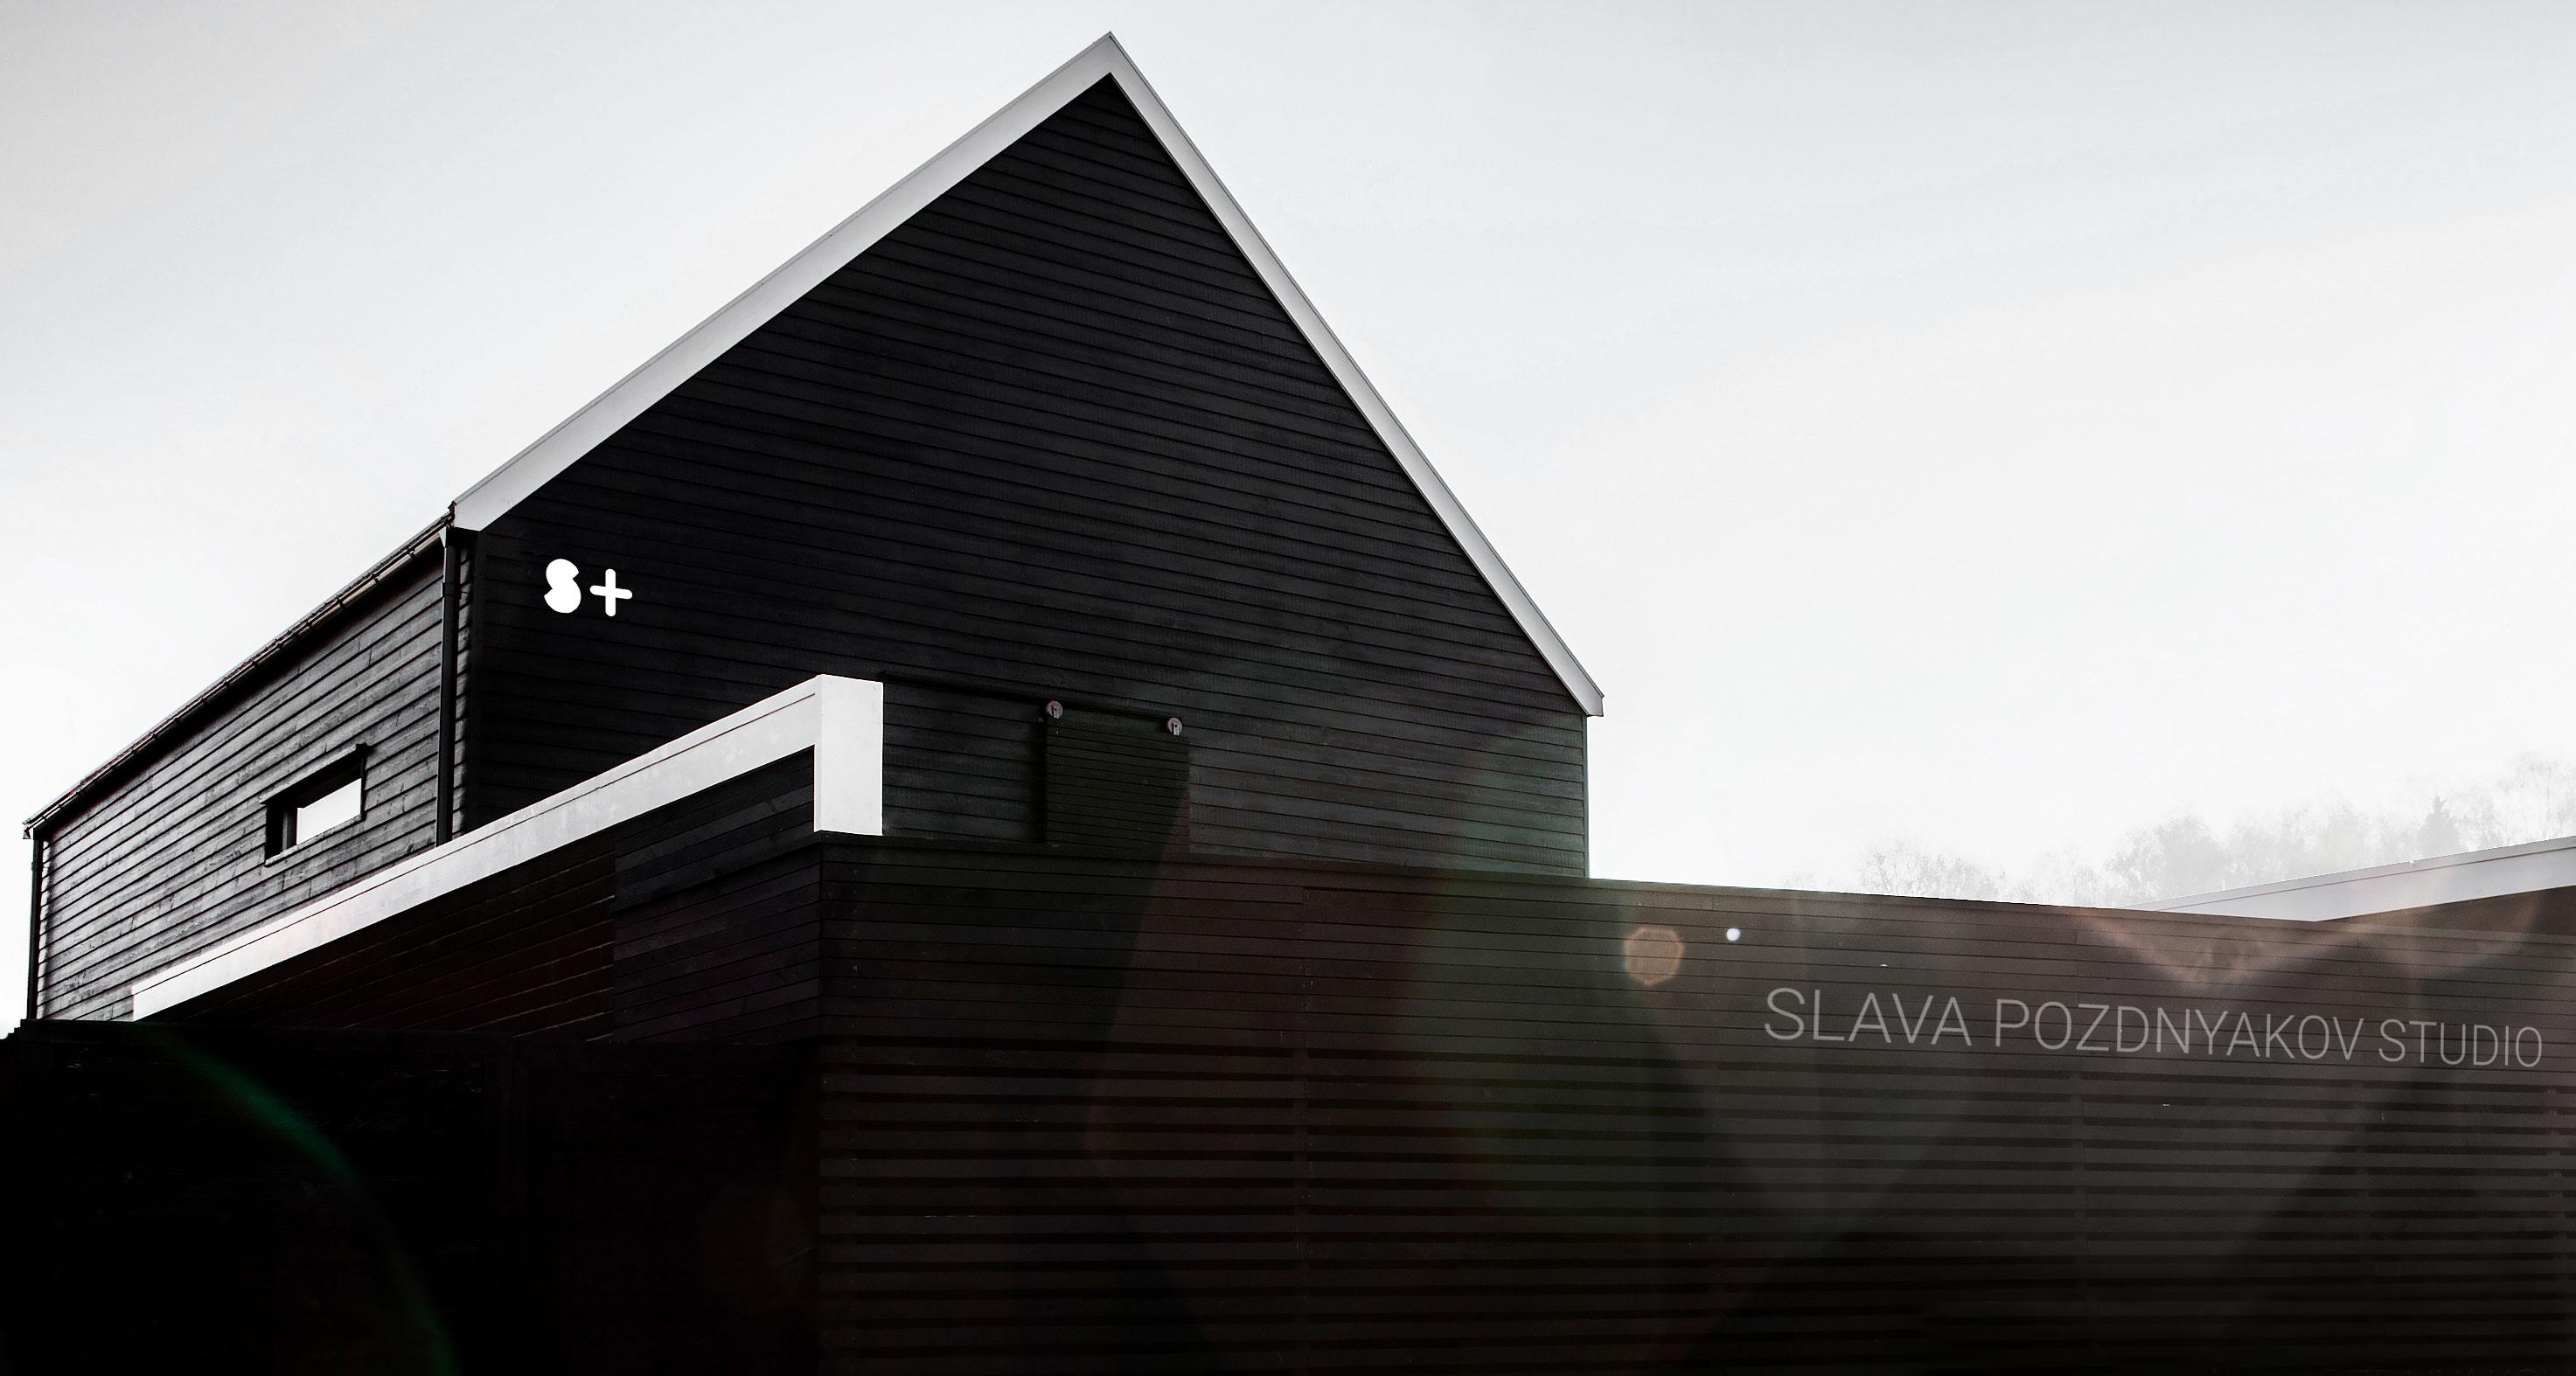 SLAVA POZDNYAKOV STUDIO. Пространство для съемки и воплощения идей.